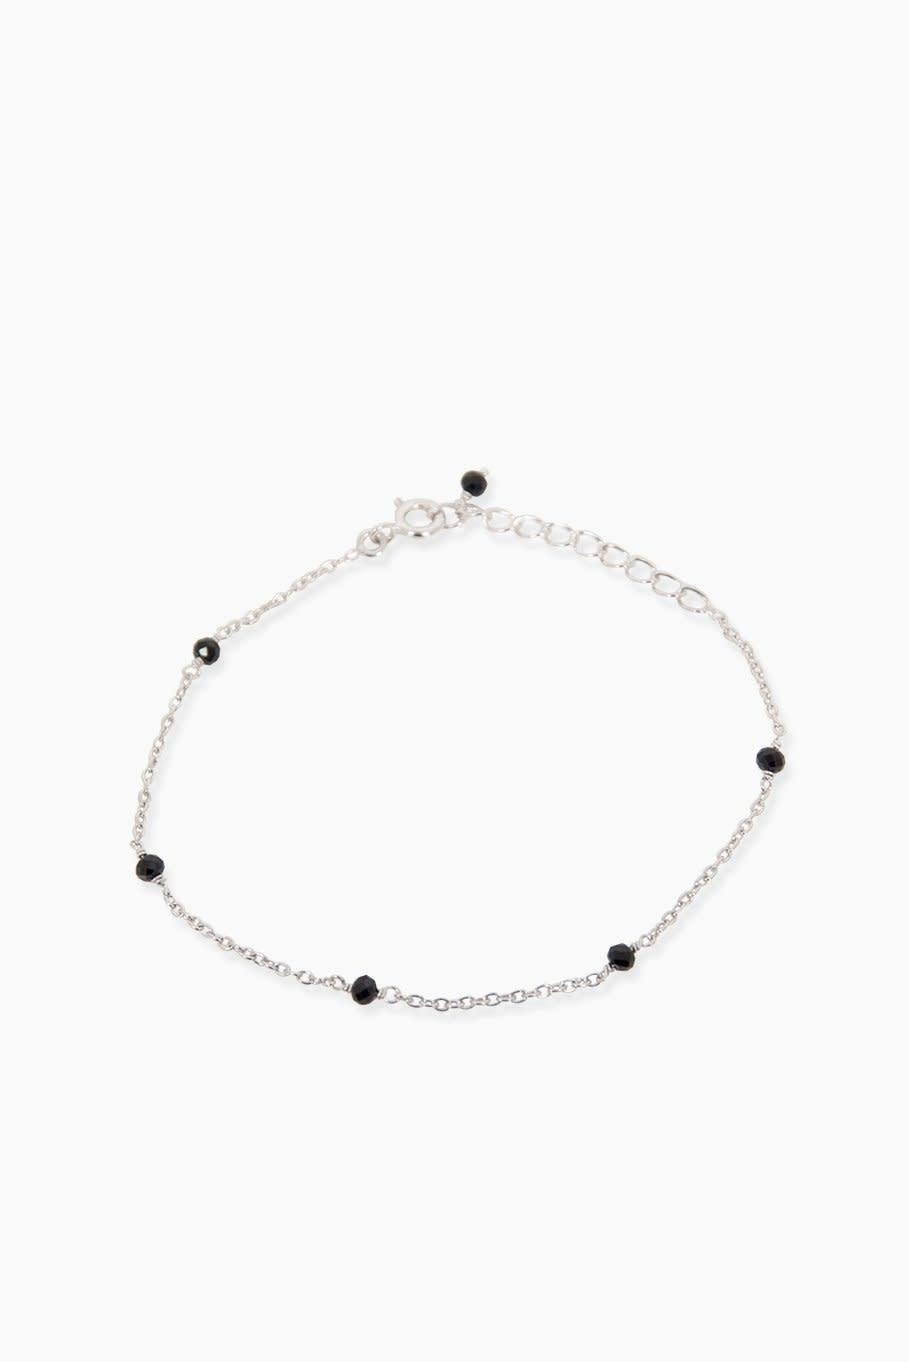 Détail Detail bracelet Abriana Spinel (8128)